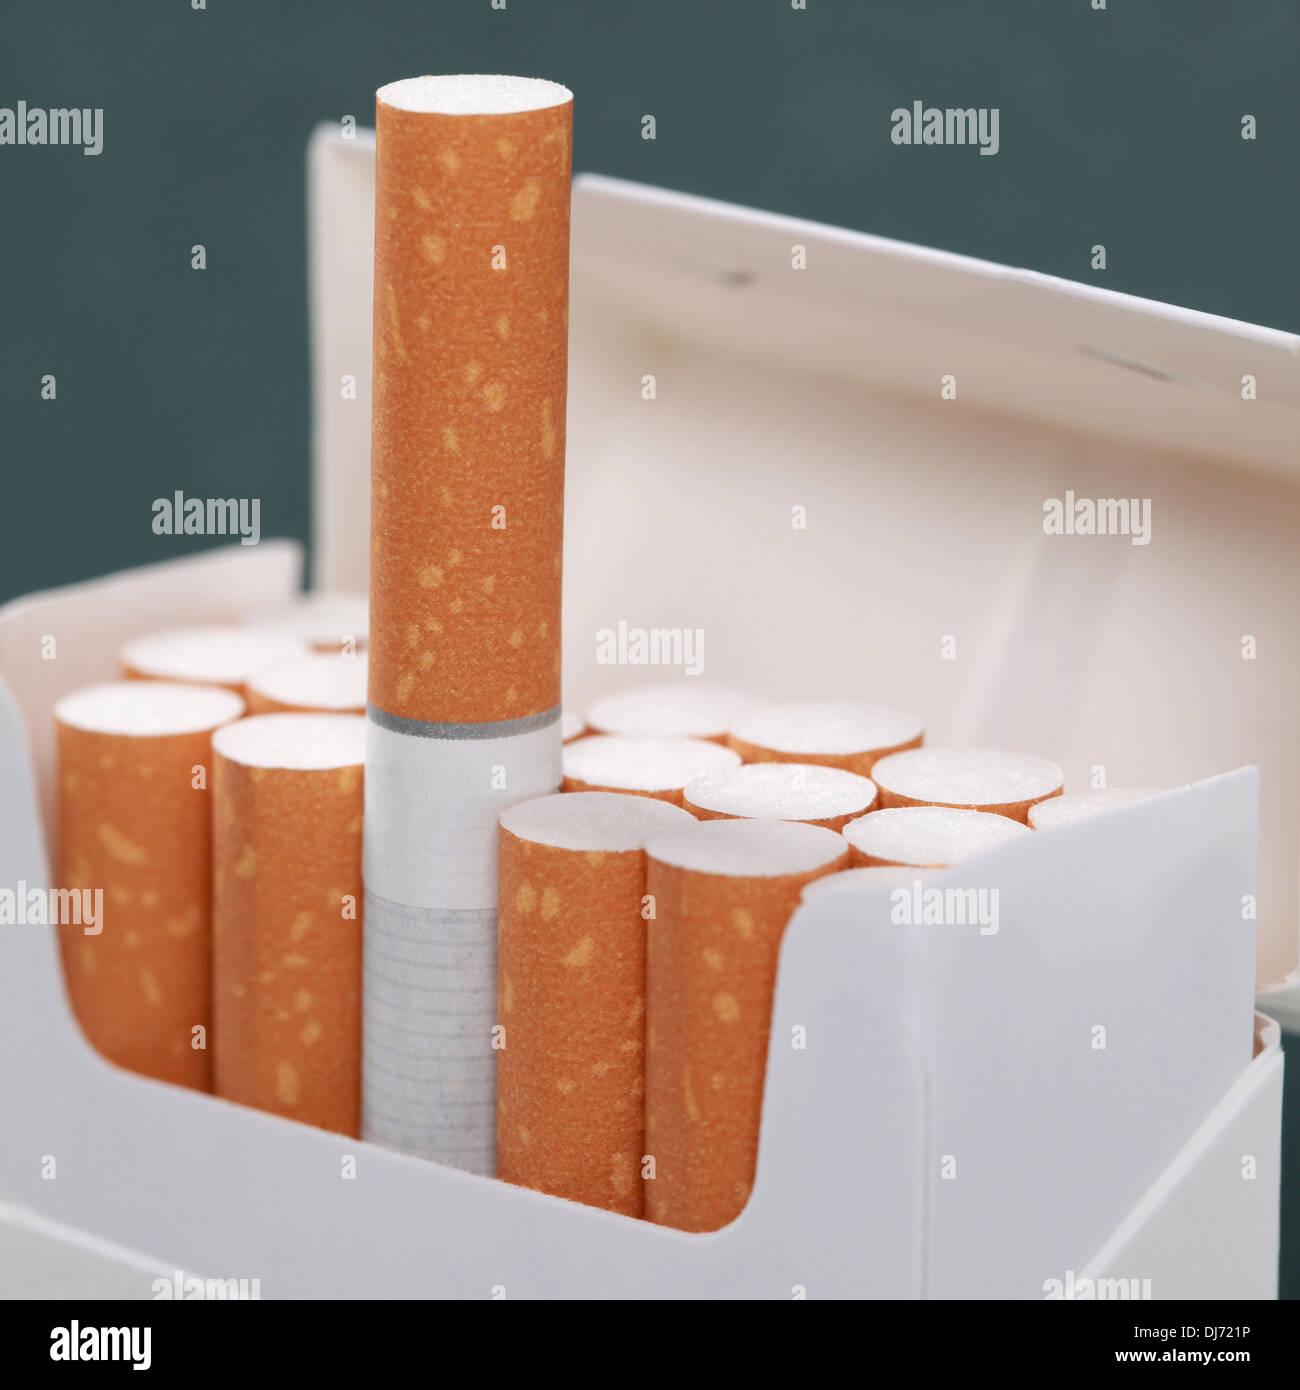 Le sigarette in un pacco, argomento fumo e dipendenza Immagini Stock